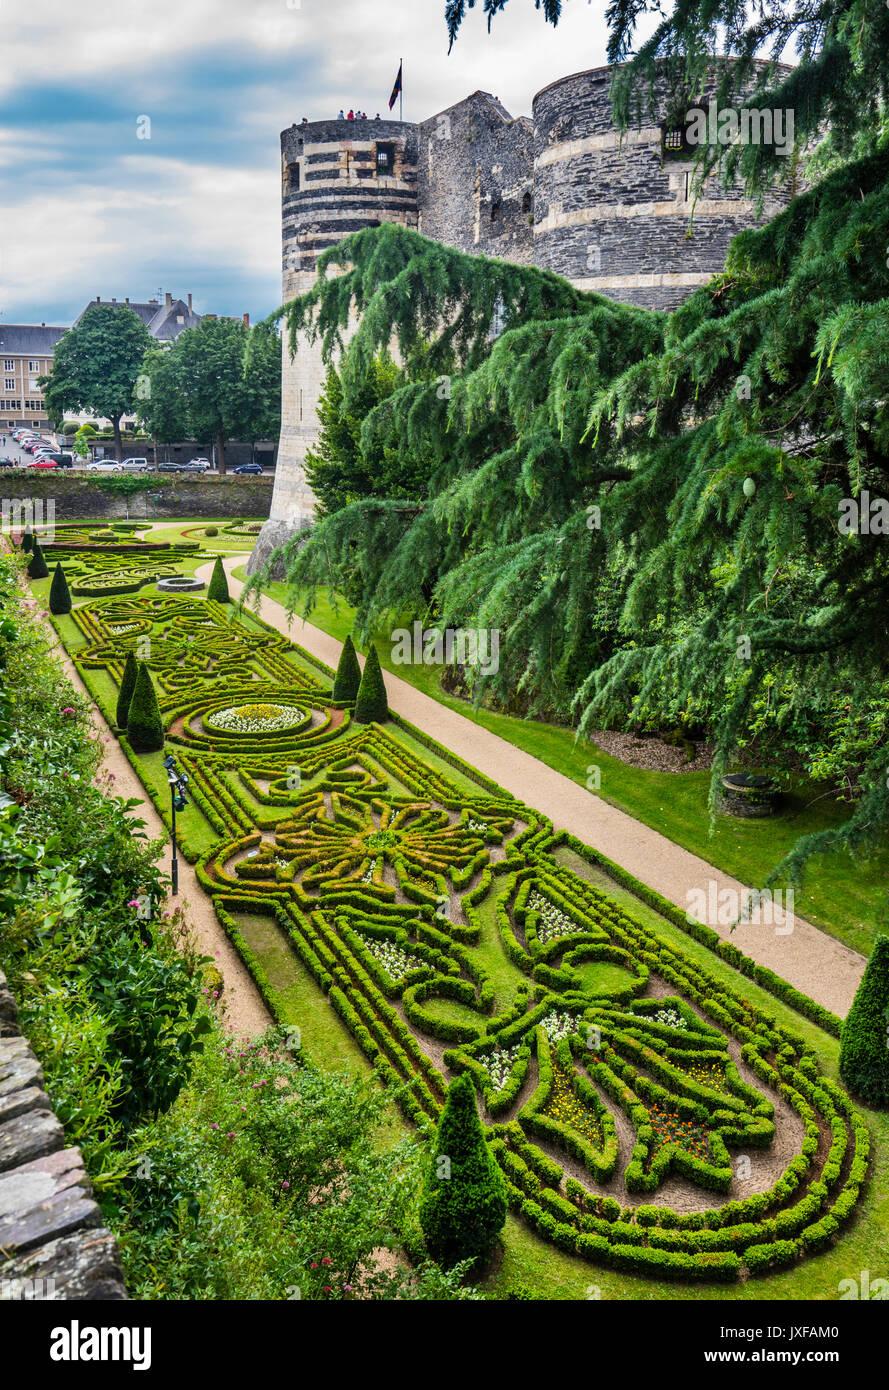 Francia Pays de la Loire, Angers, Château d'Angers, ornata giardini sotto il western merli del castello medievale Immagini Stock